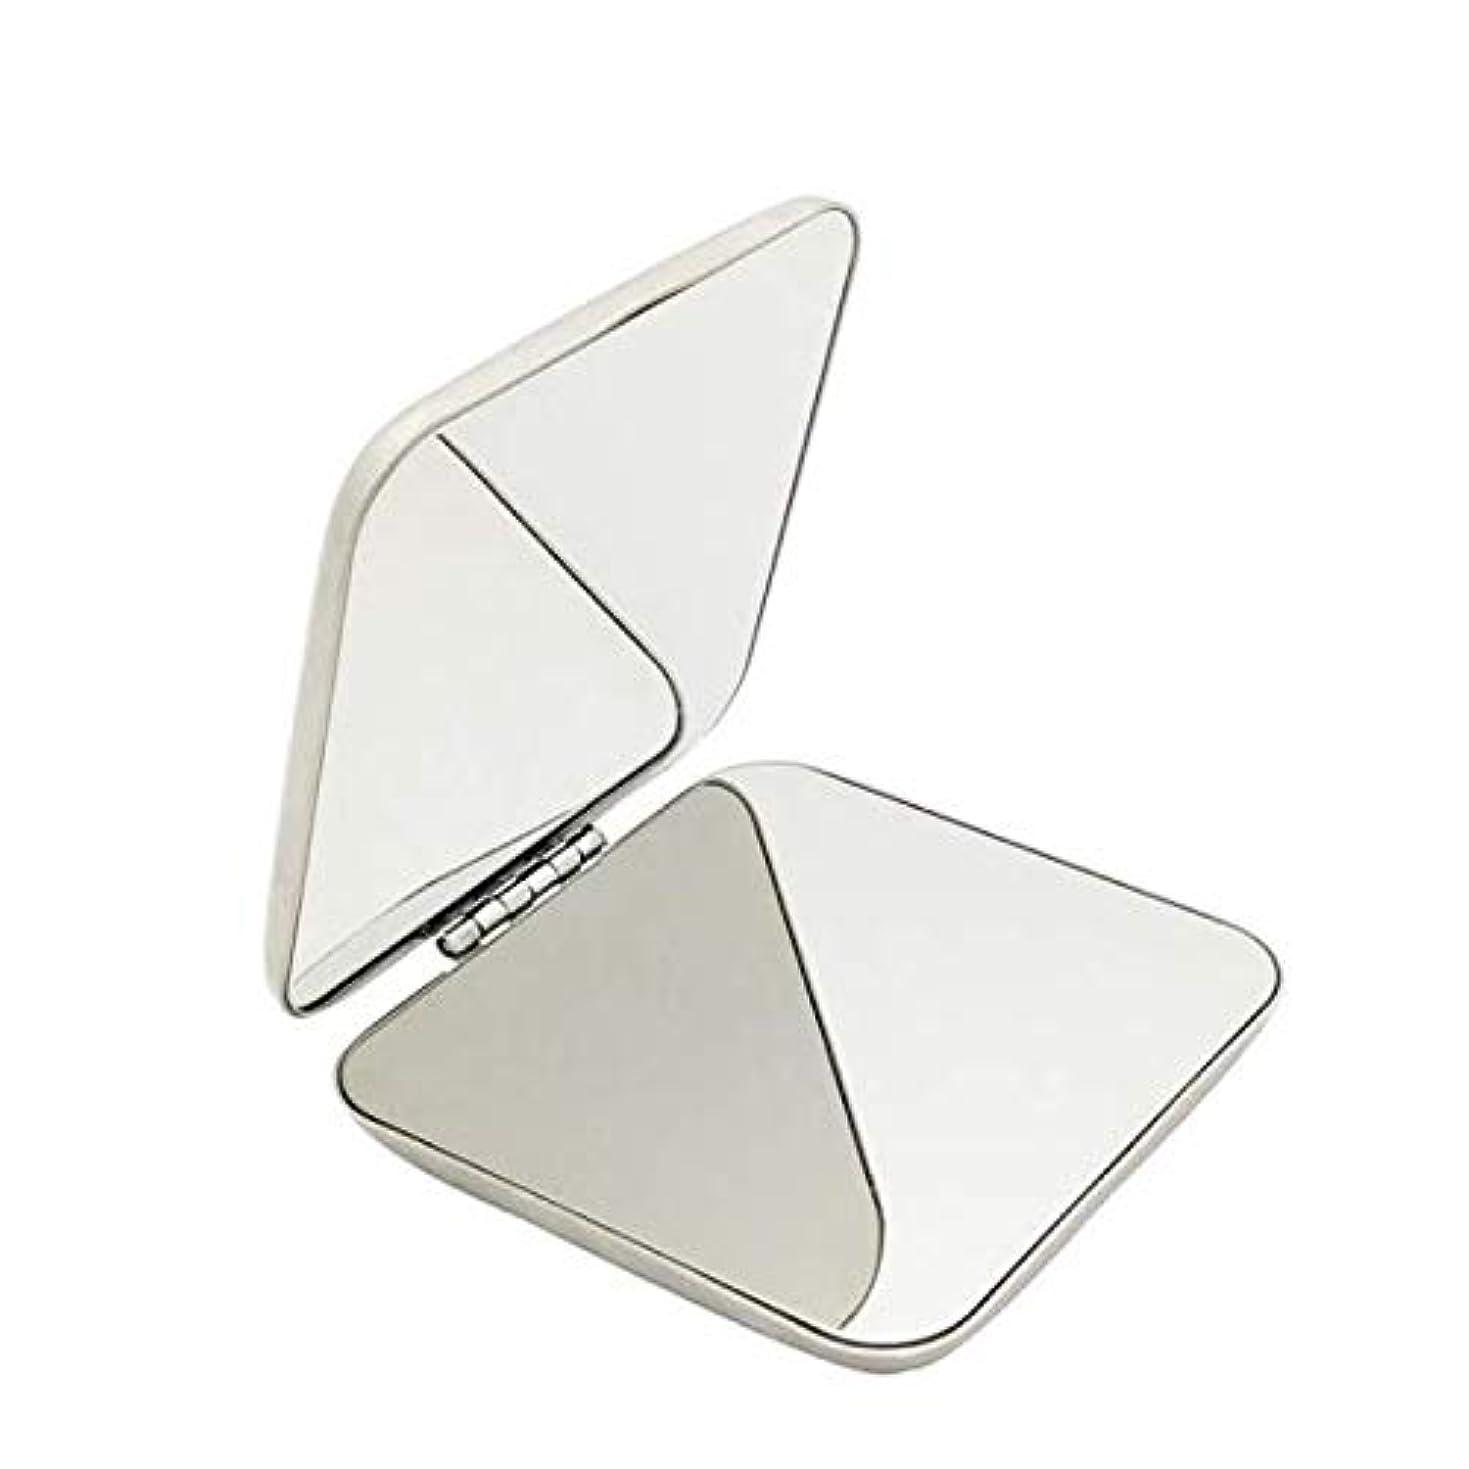 意図する前文弱める飛散防止化粧鏡ステンレス鋼 化粧鏡おすすめ 携帯用ミラー化粧用鏡( スクエア)